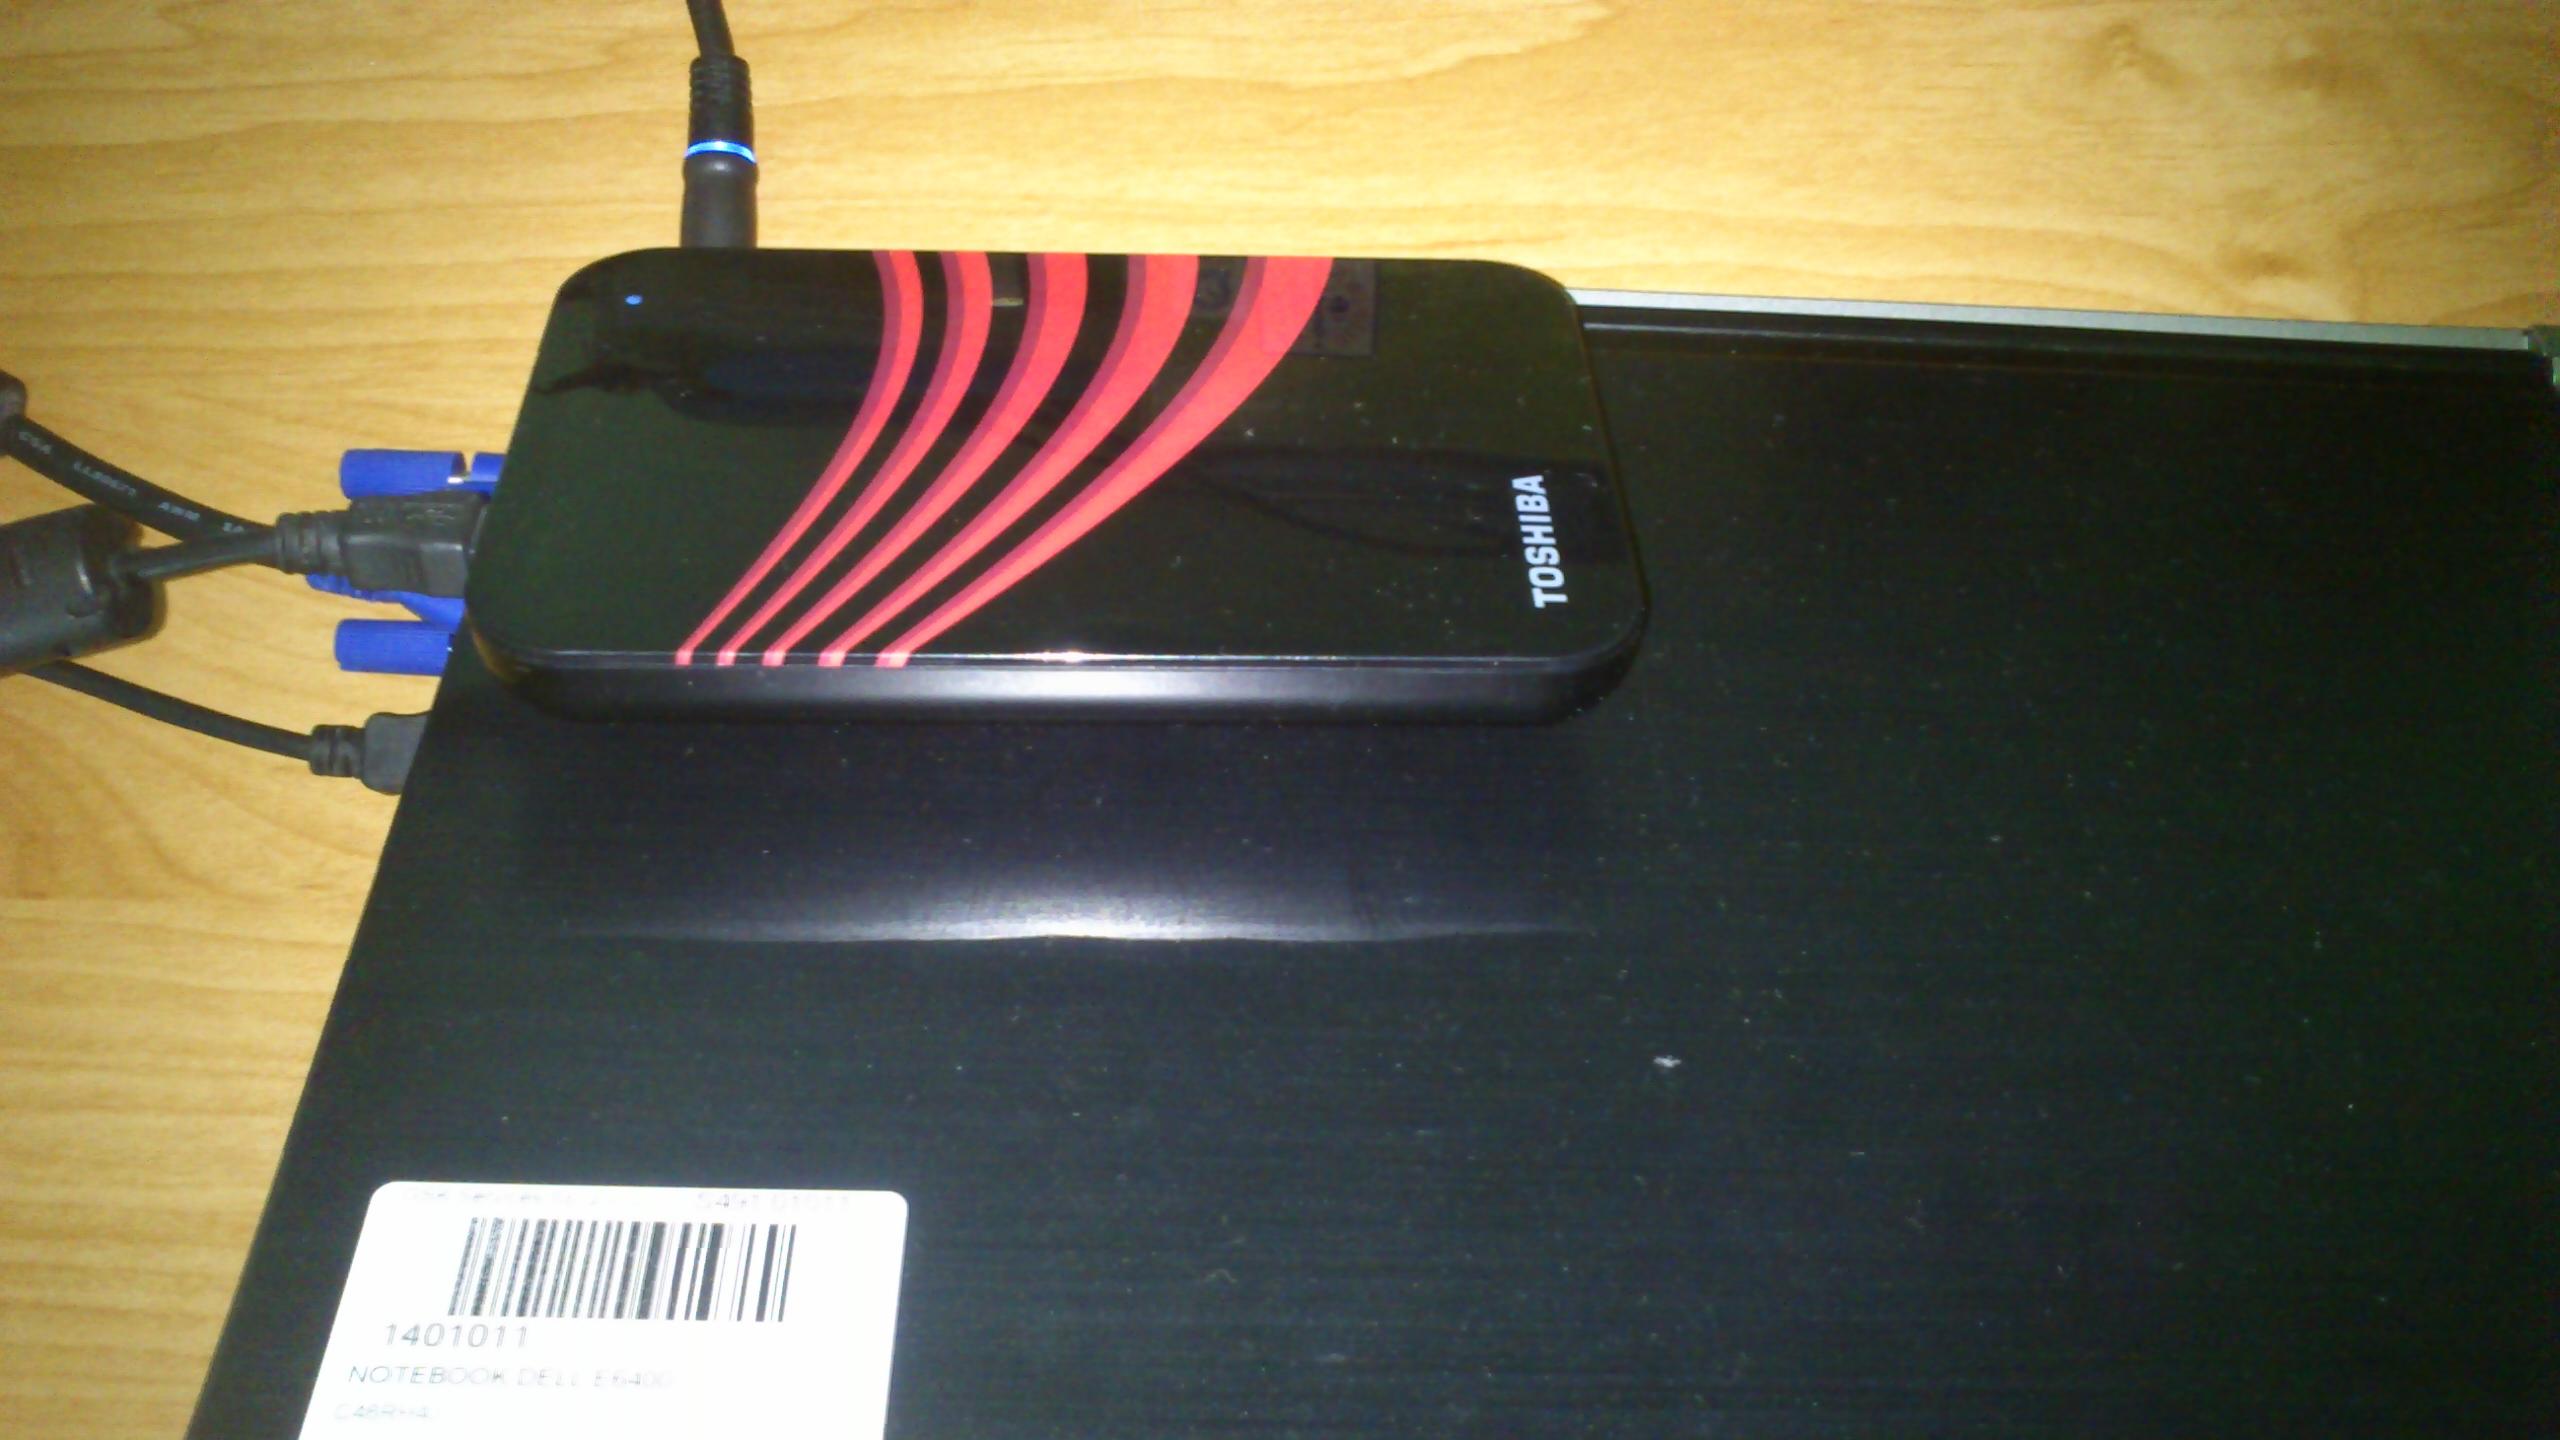 Dysk Zewn�trzny na USB pod telewizor